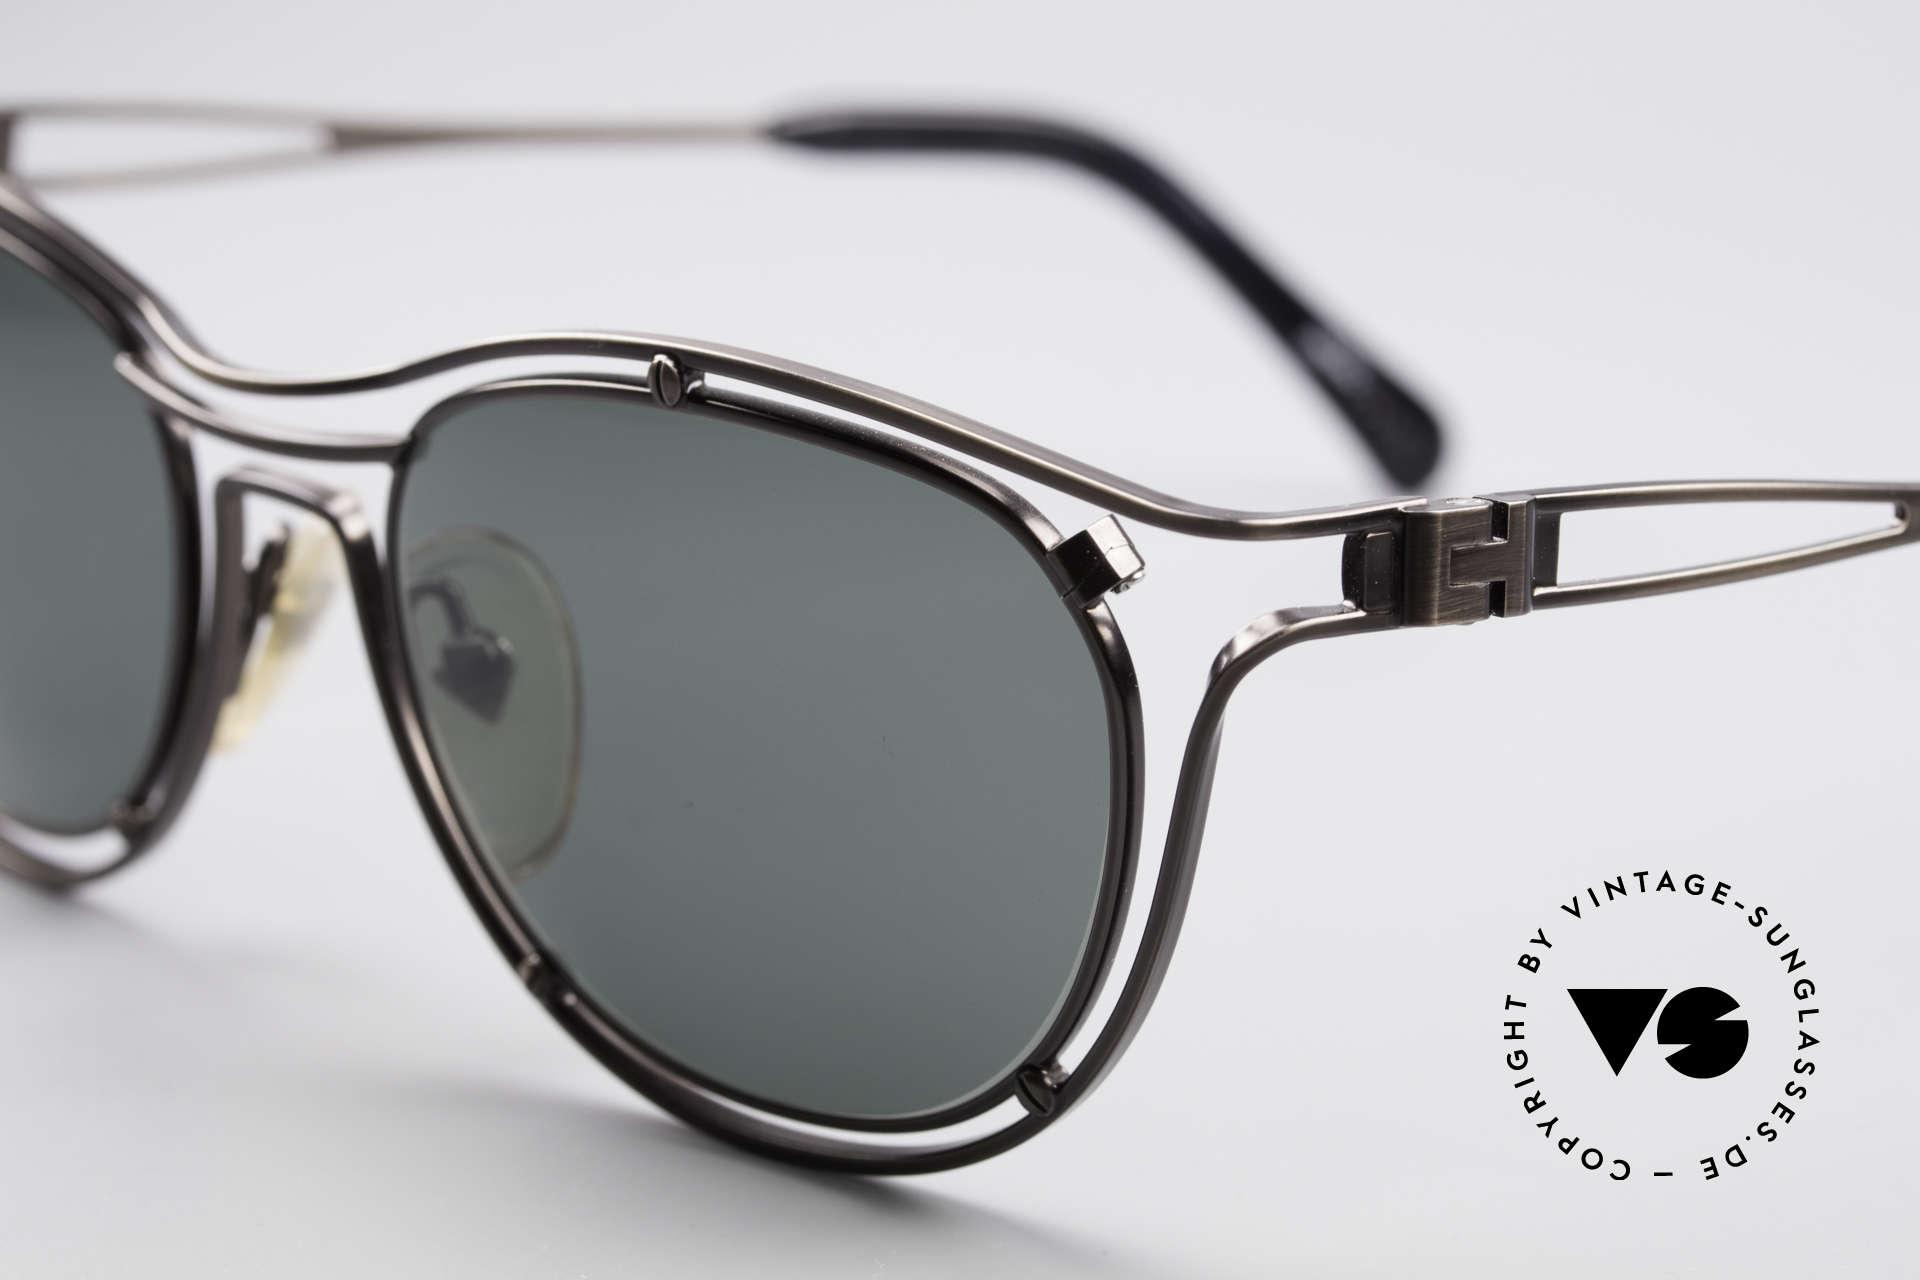 Jean Paul Gaultier 56-2176 Rare Designer Sonnenbrille, außergewöhnliche Spitzen-Qualität; made in Japan, Passend für Herren und Damen